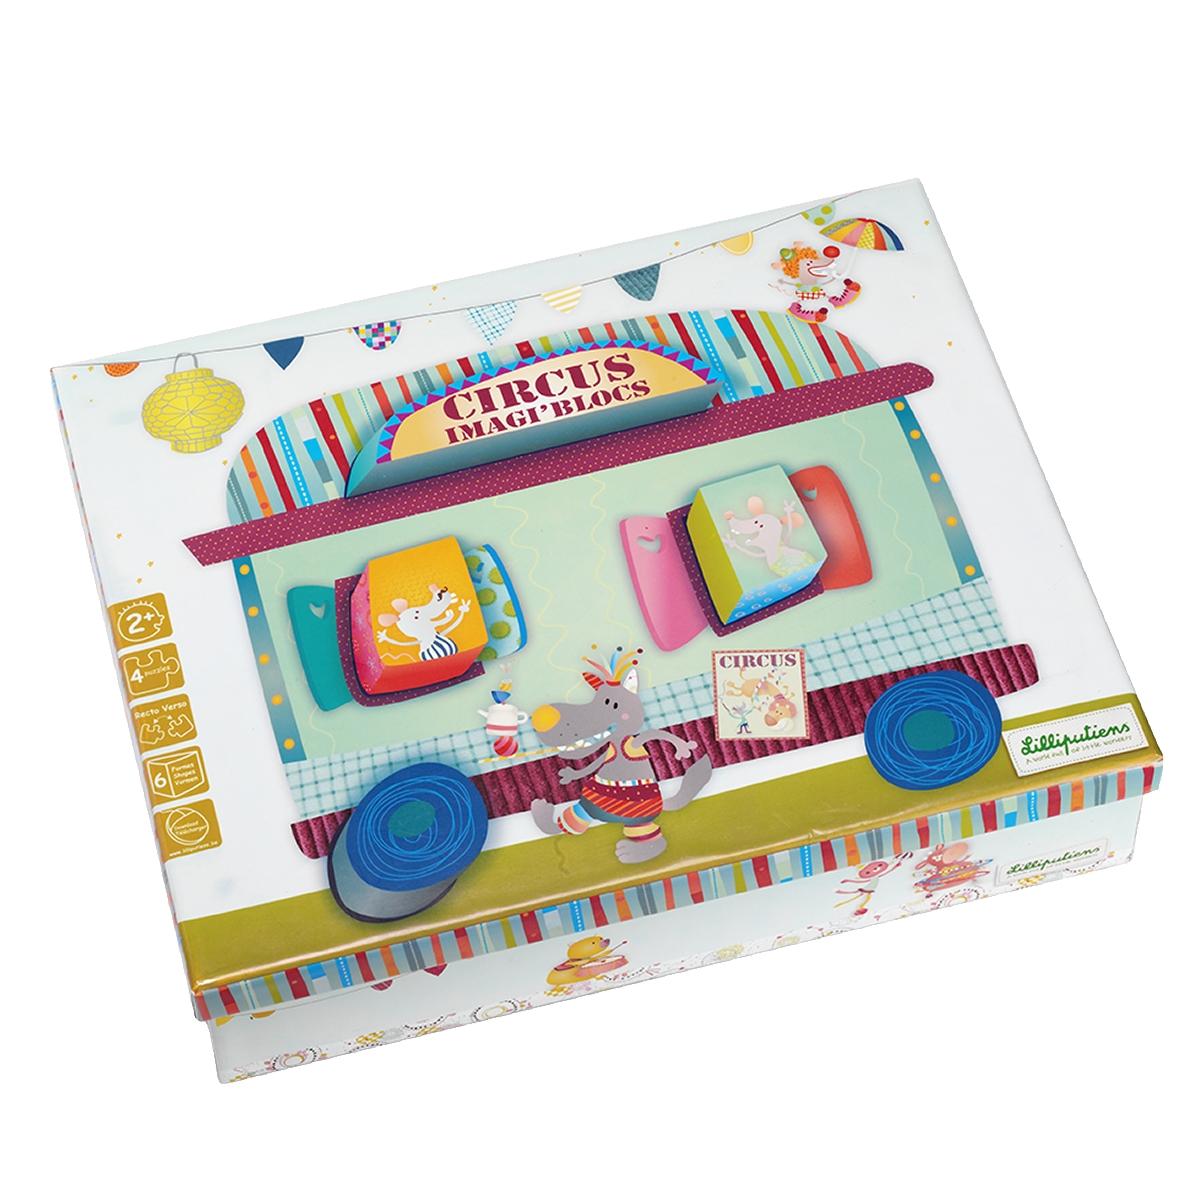 Lilliputiens Игрушка-сортер Цирк86420Игрушка-сортер Lilliputiens Цирк обязательно понравится малышу и доставит ему много удовольствия от часов, посвященных игре с ней. Создавай бесконечные истории с Lilliputiens Цирк! Выбери одну из 4 картин, найди правильные комбинации и вставь формочки, чтобы воплотить в жизнь приключения твоих маленьких друзей Lilliputiens. Все игрушки разрабатываются в Бельгии и отличаются безупречным качеством и безграничной креативностью. Каждая игрушка - это путешествие в новую вселенную, полную неожиданных открытий и приятных сюрпризов. Игры с сортером помогут малышу развить цветовое восприятие, воображение и мелкую моторику рук. Порадуйте своего малыша таким замечательным подарком!